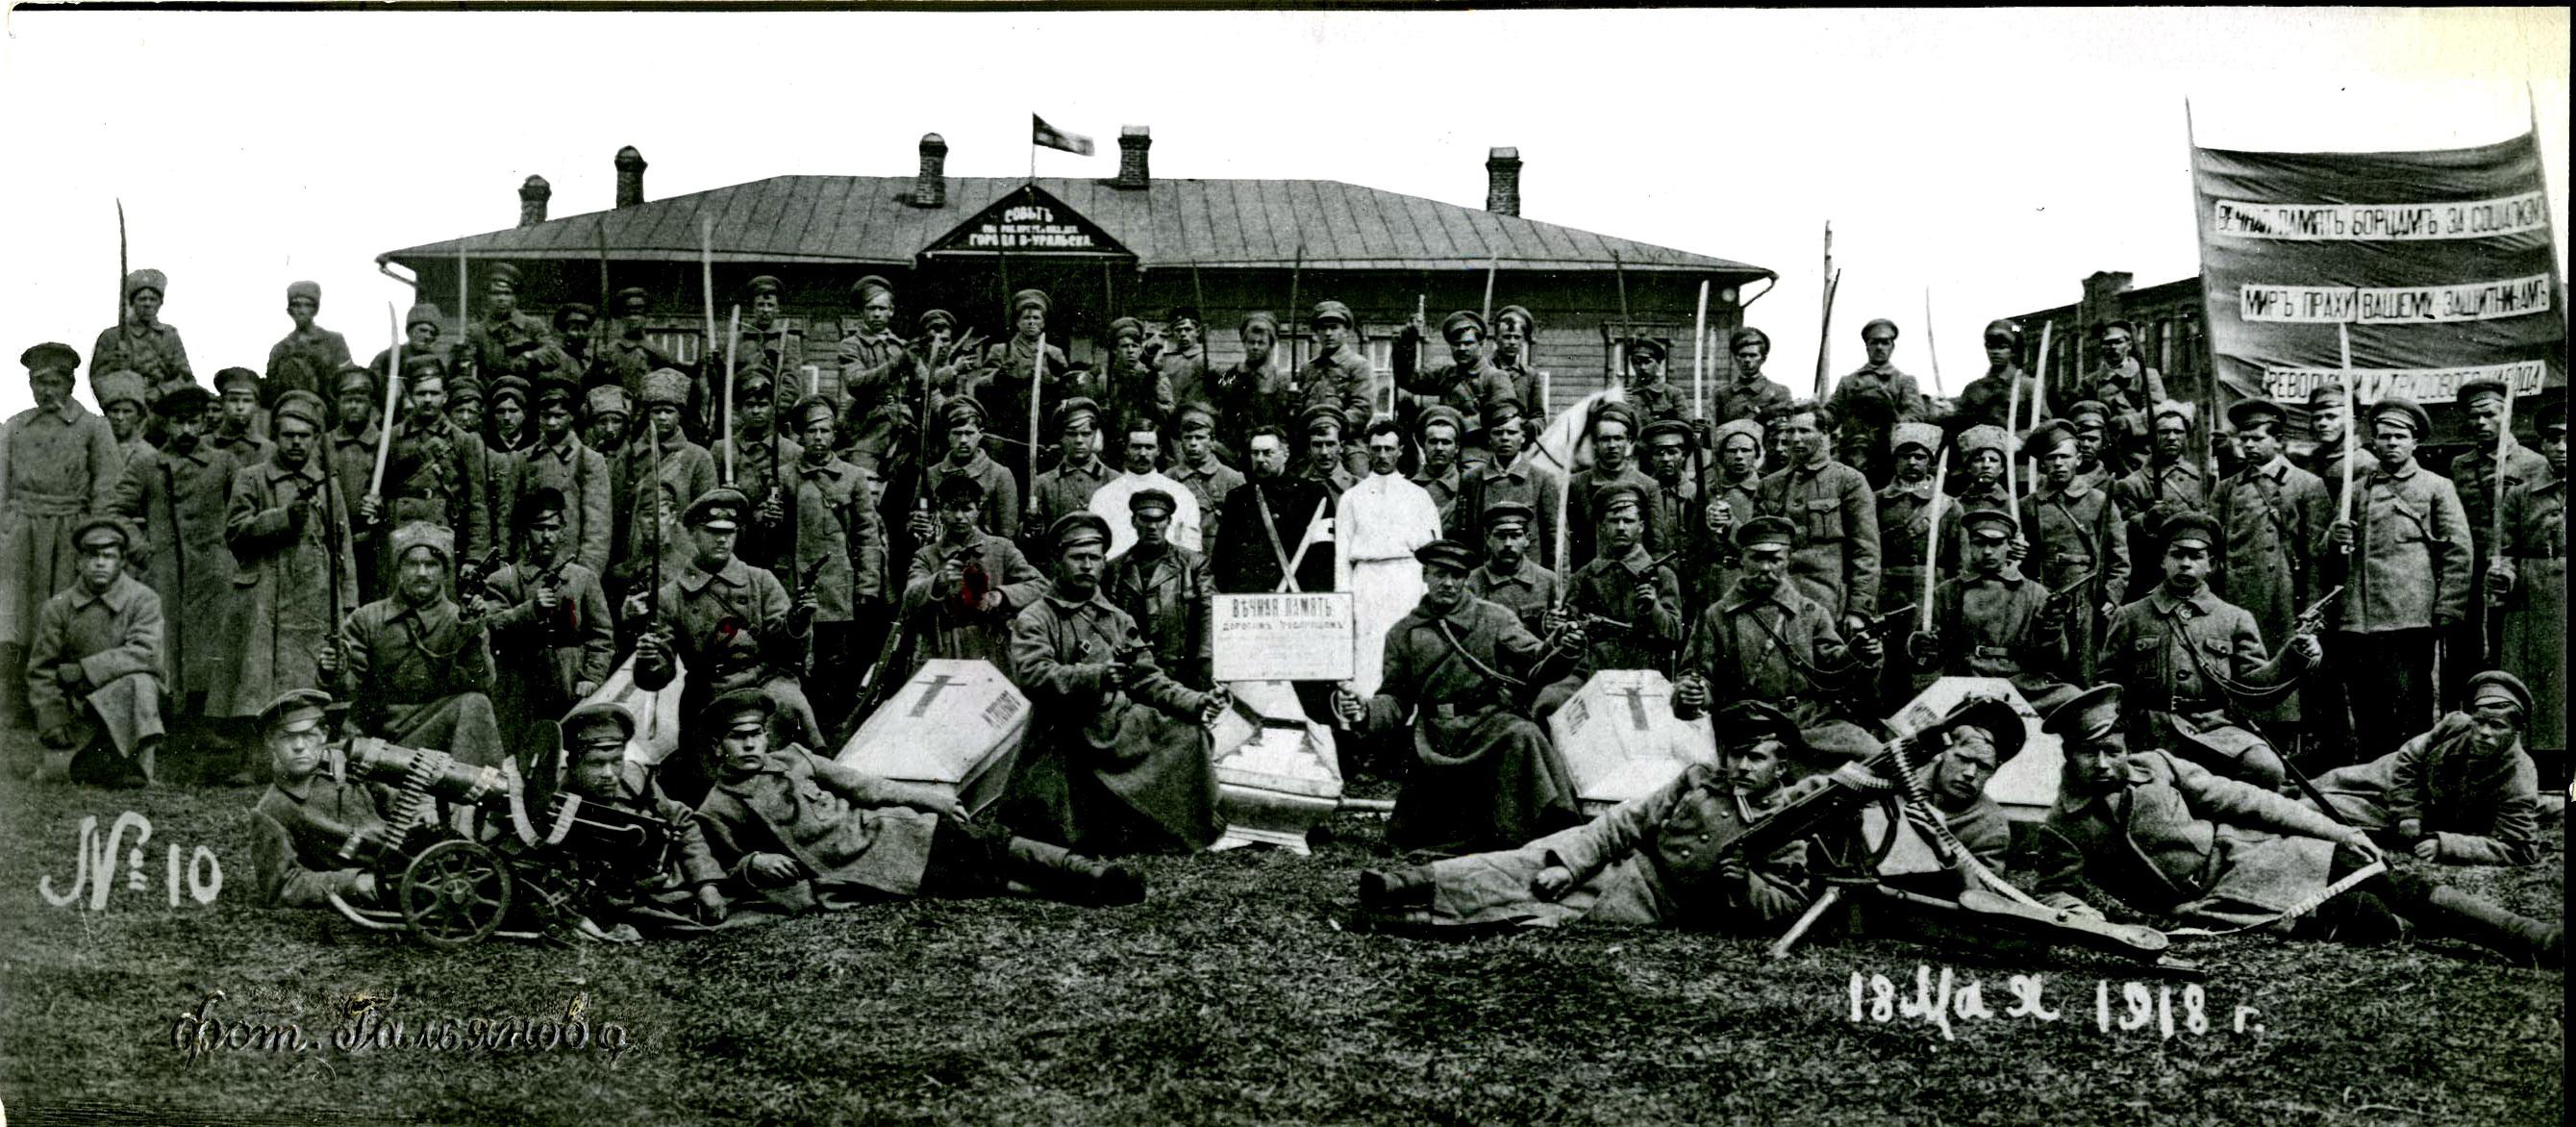 2.Pohorony partizan 18.05.1918g.